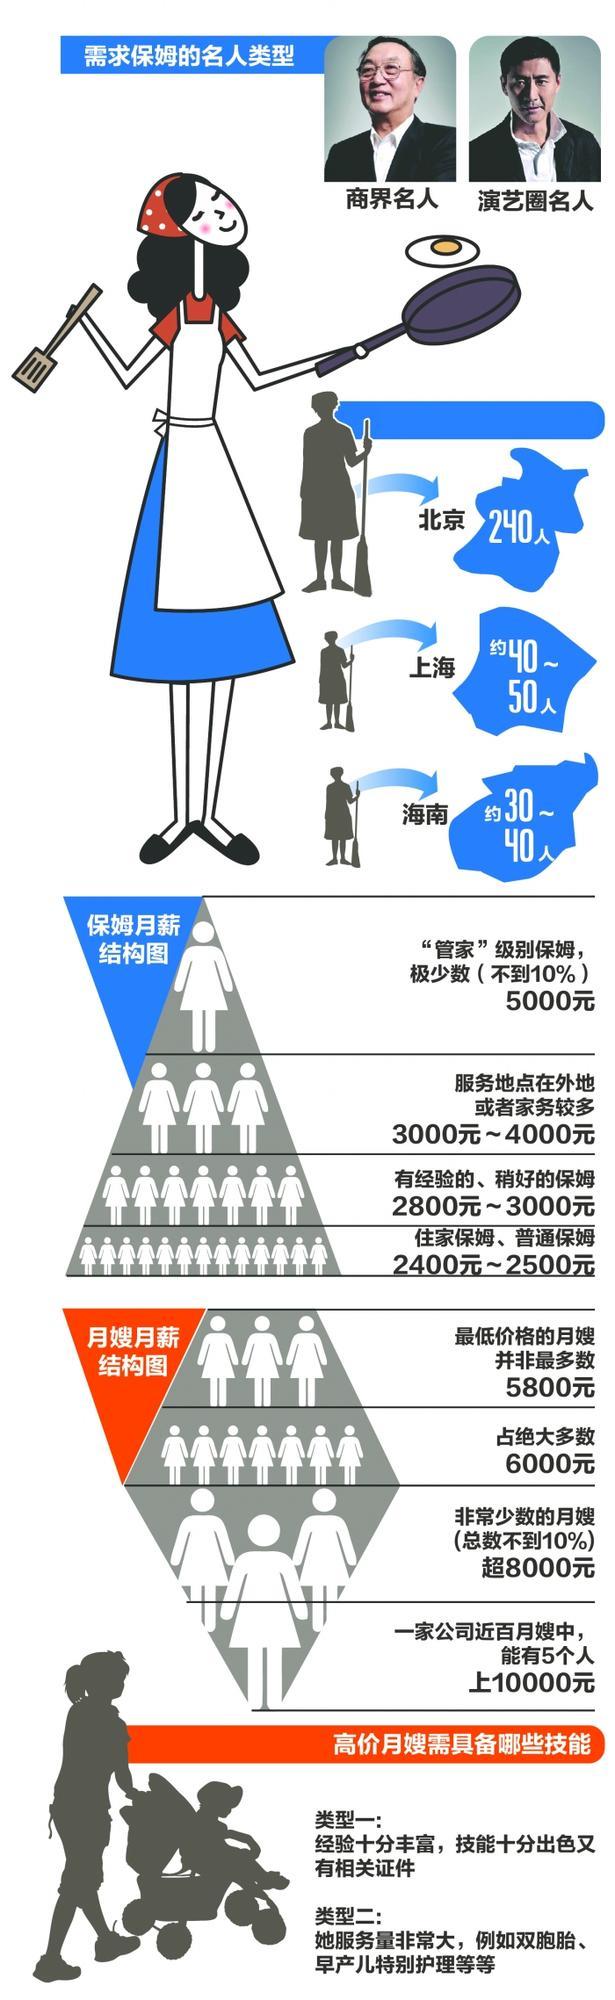 京滬名流熱衷四川保姆 開出年薪10萬元(圖)